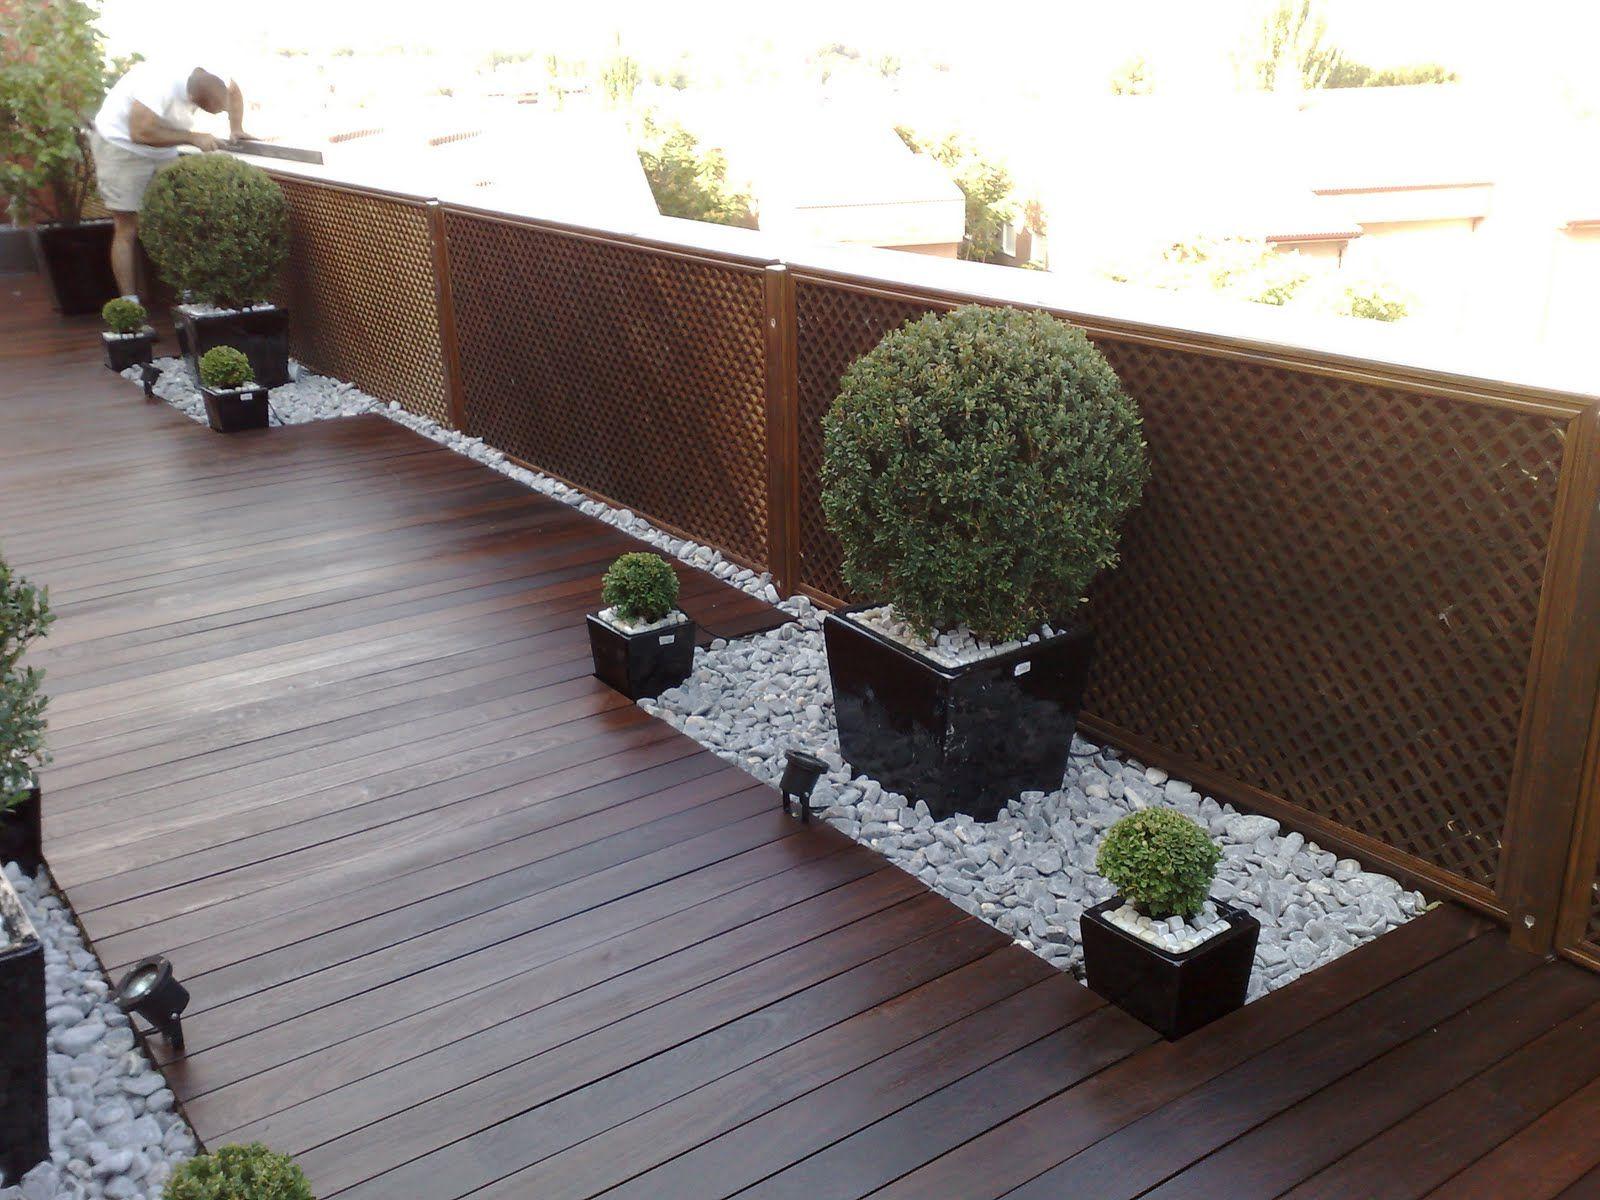 Jardines contemporaneos peque os inspiraci n de dise o - Diseno de jardines interiores ...